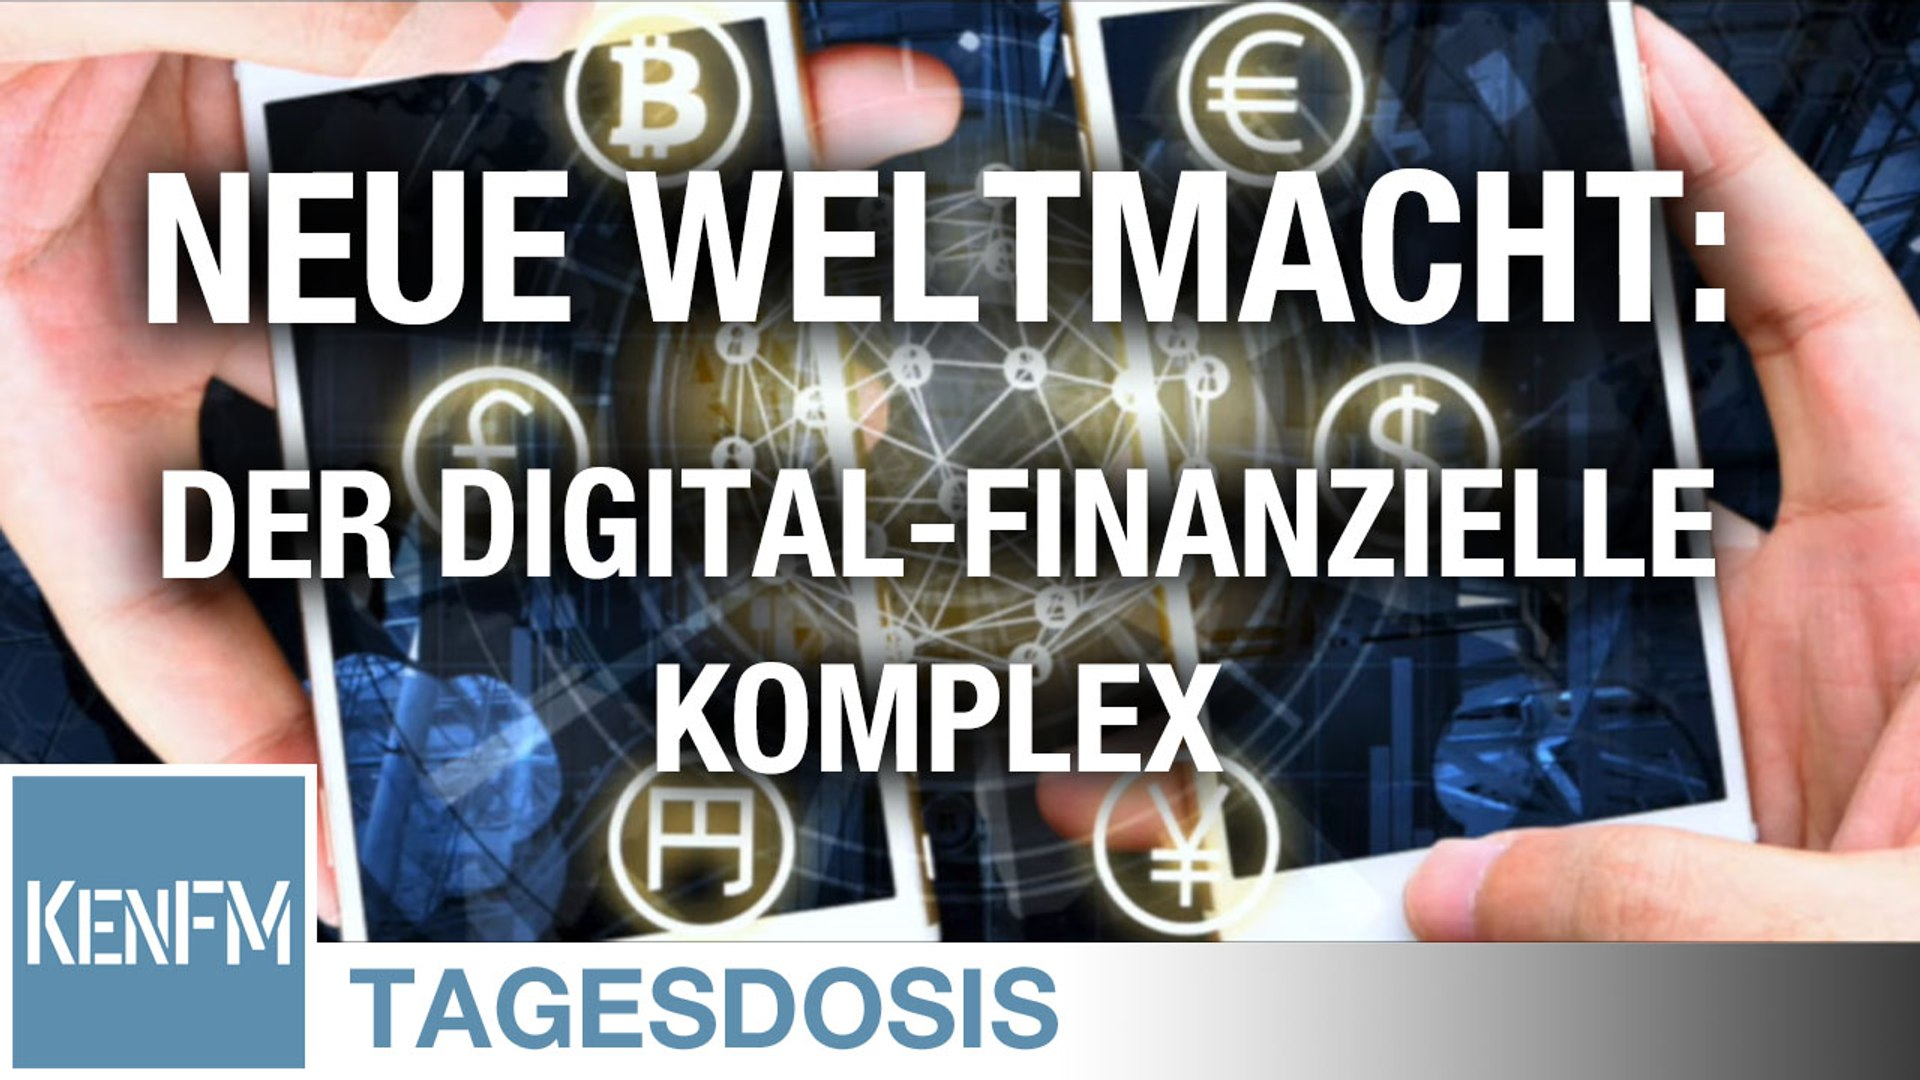 Tagesdosis 25.5.2020 - Die neue Weltmacht: Der digital-finanzielle Komplex